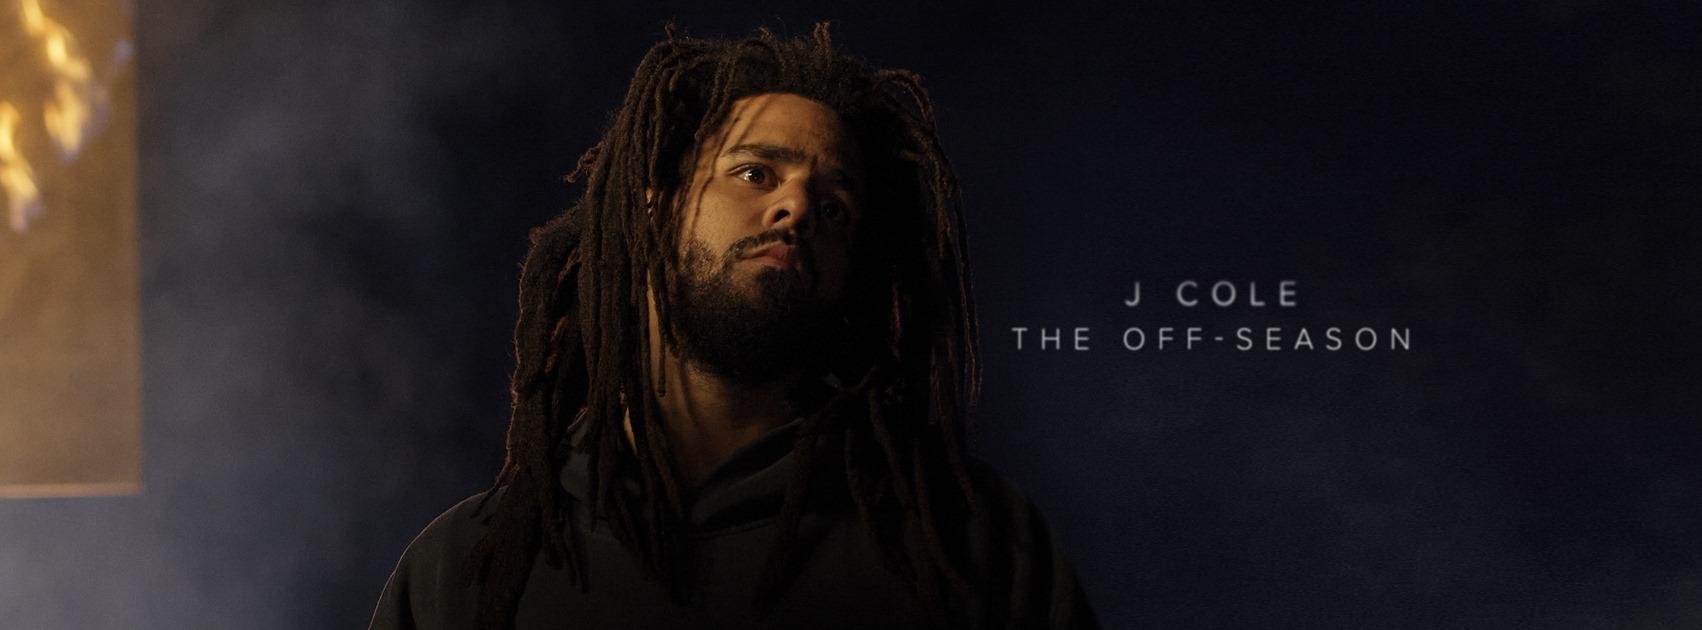 J. Cole mérite-t-il sa place dans le basketball?